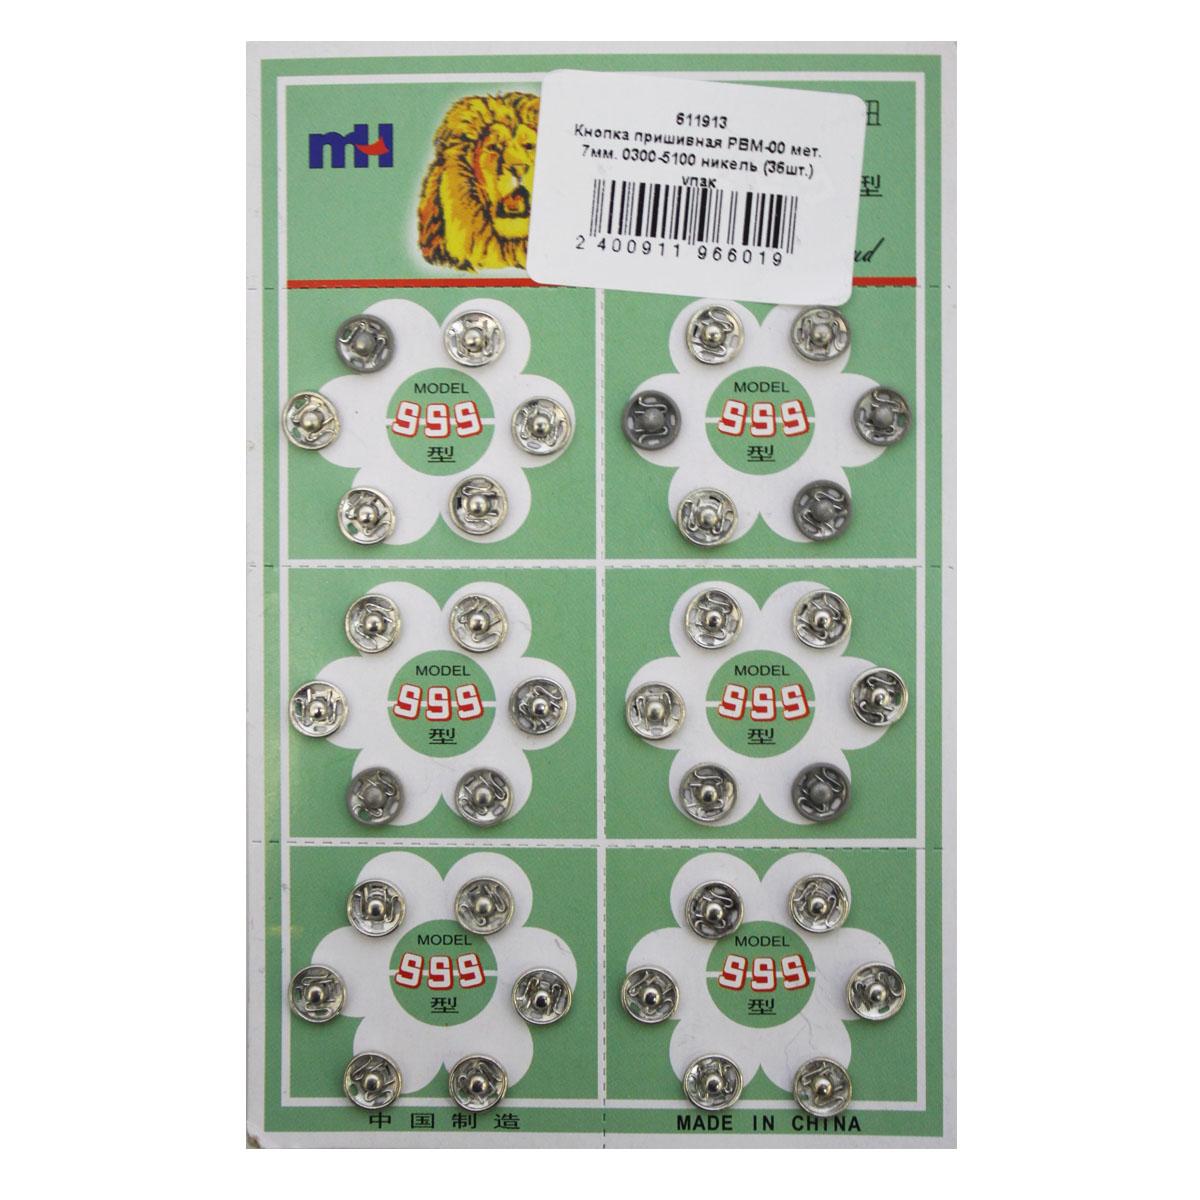 Кнопка пришивная PBM-00 мет. 7мм. ник. (36шт.) Кф (0300-5100)